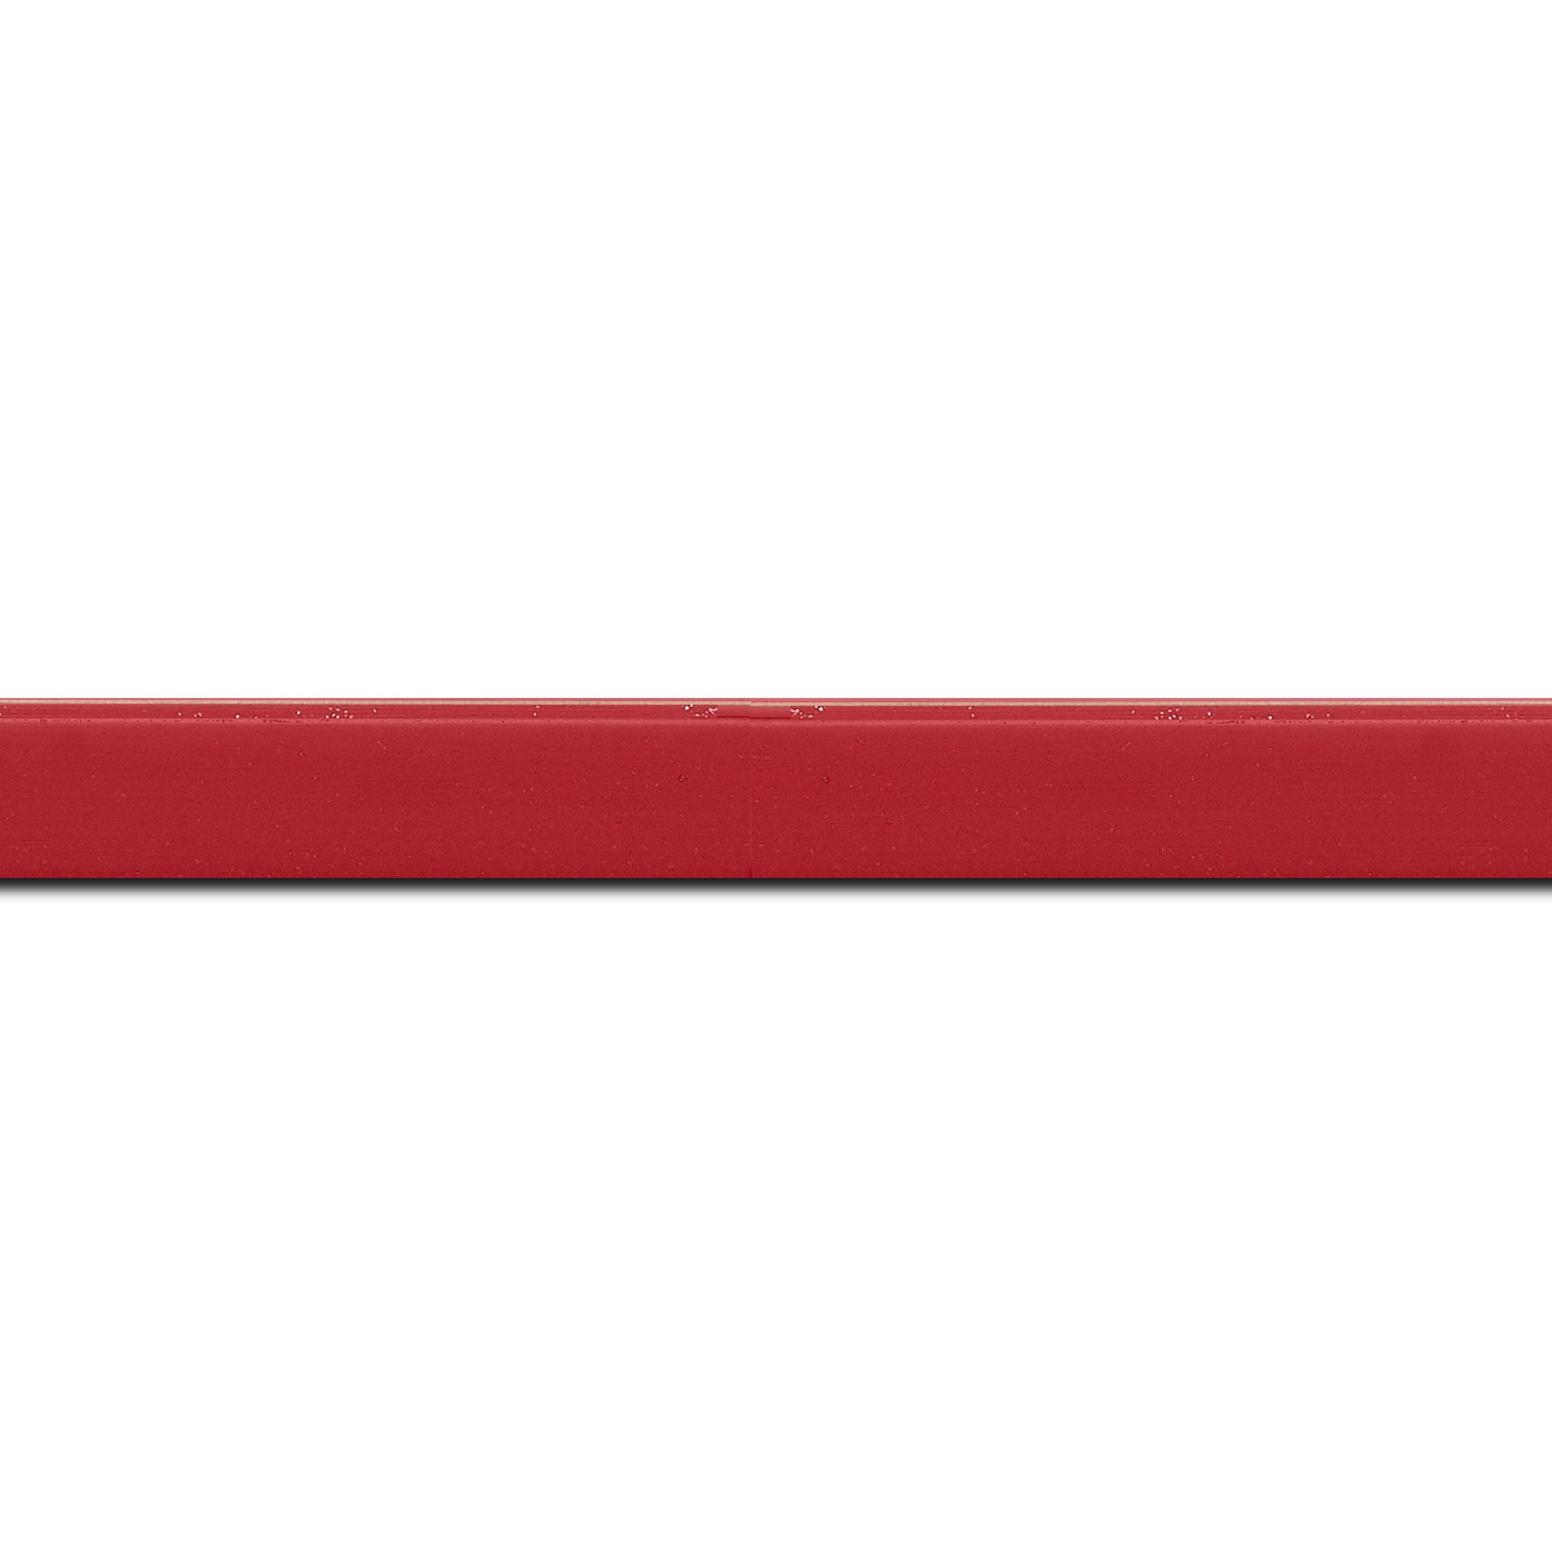 Baguette longueur 1.40m bois profil plat effet cube largeur 1.7cm couleur rouge anglais satiné